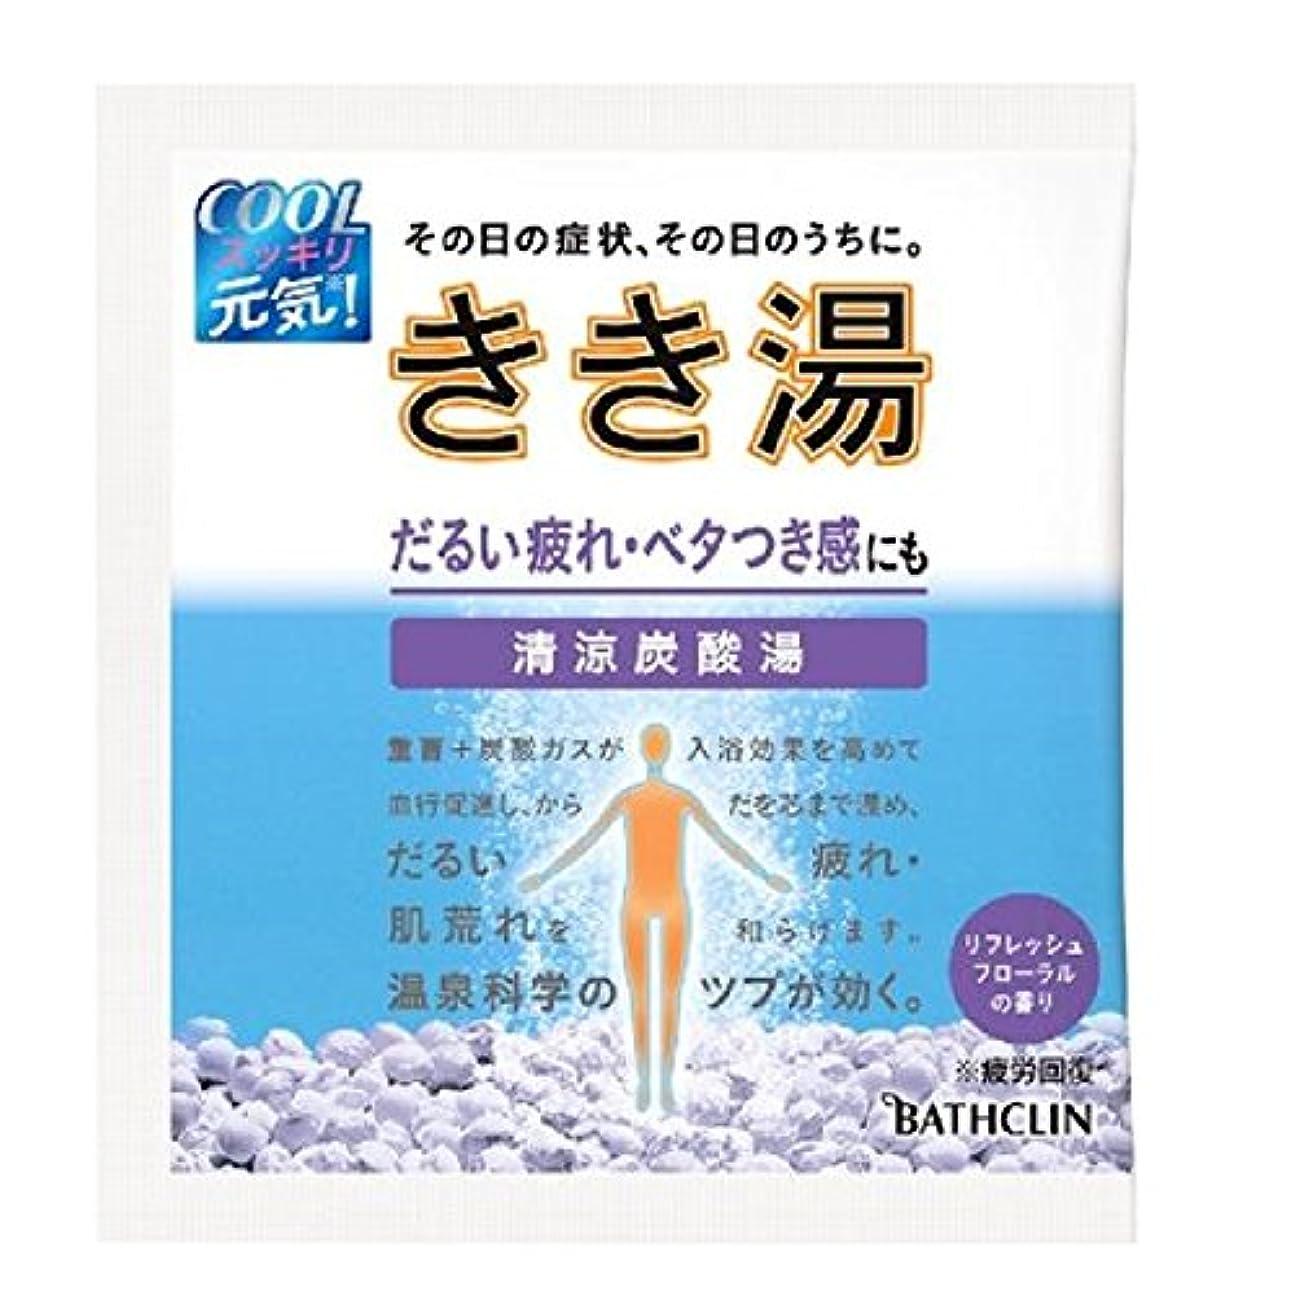 日の出シーケンス平方【バスクリン】 きき湯 清涼炭酸湯 リフレッシュフローラルの香り 分包 30g (医薬部外品)